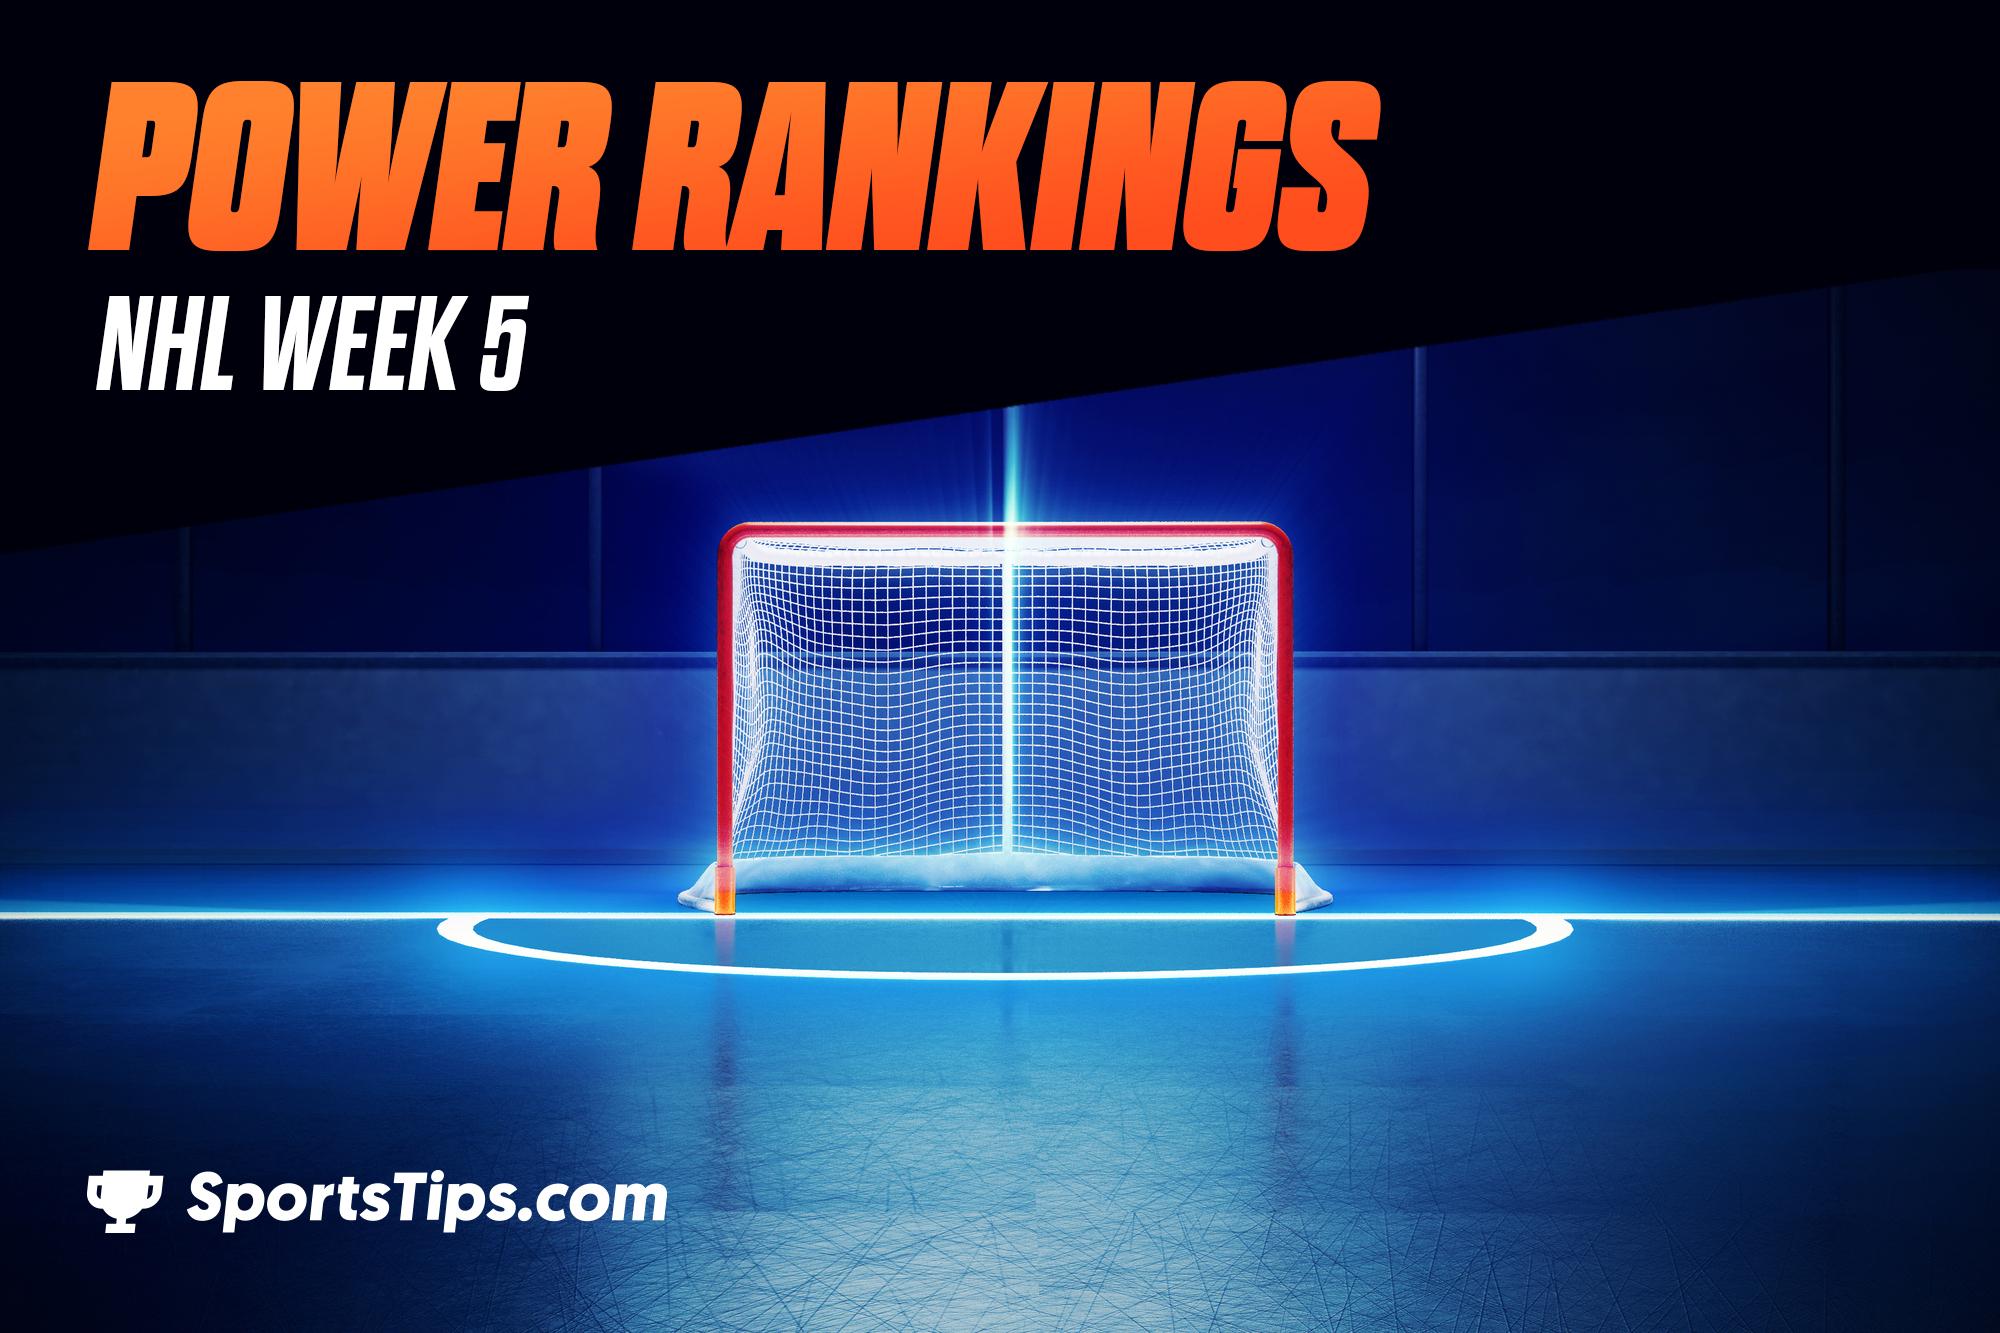 SportsTips' NHL Power Rankings 2021: Week 5